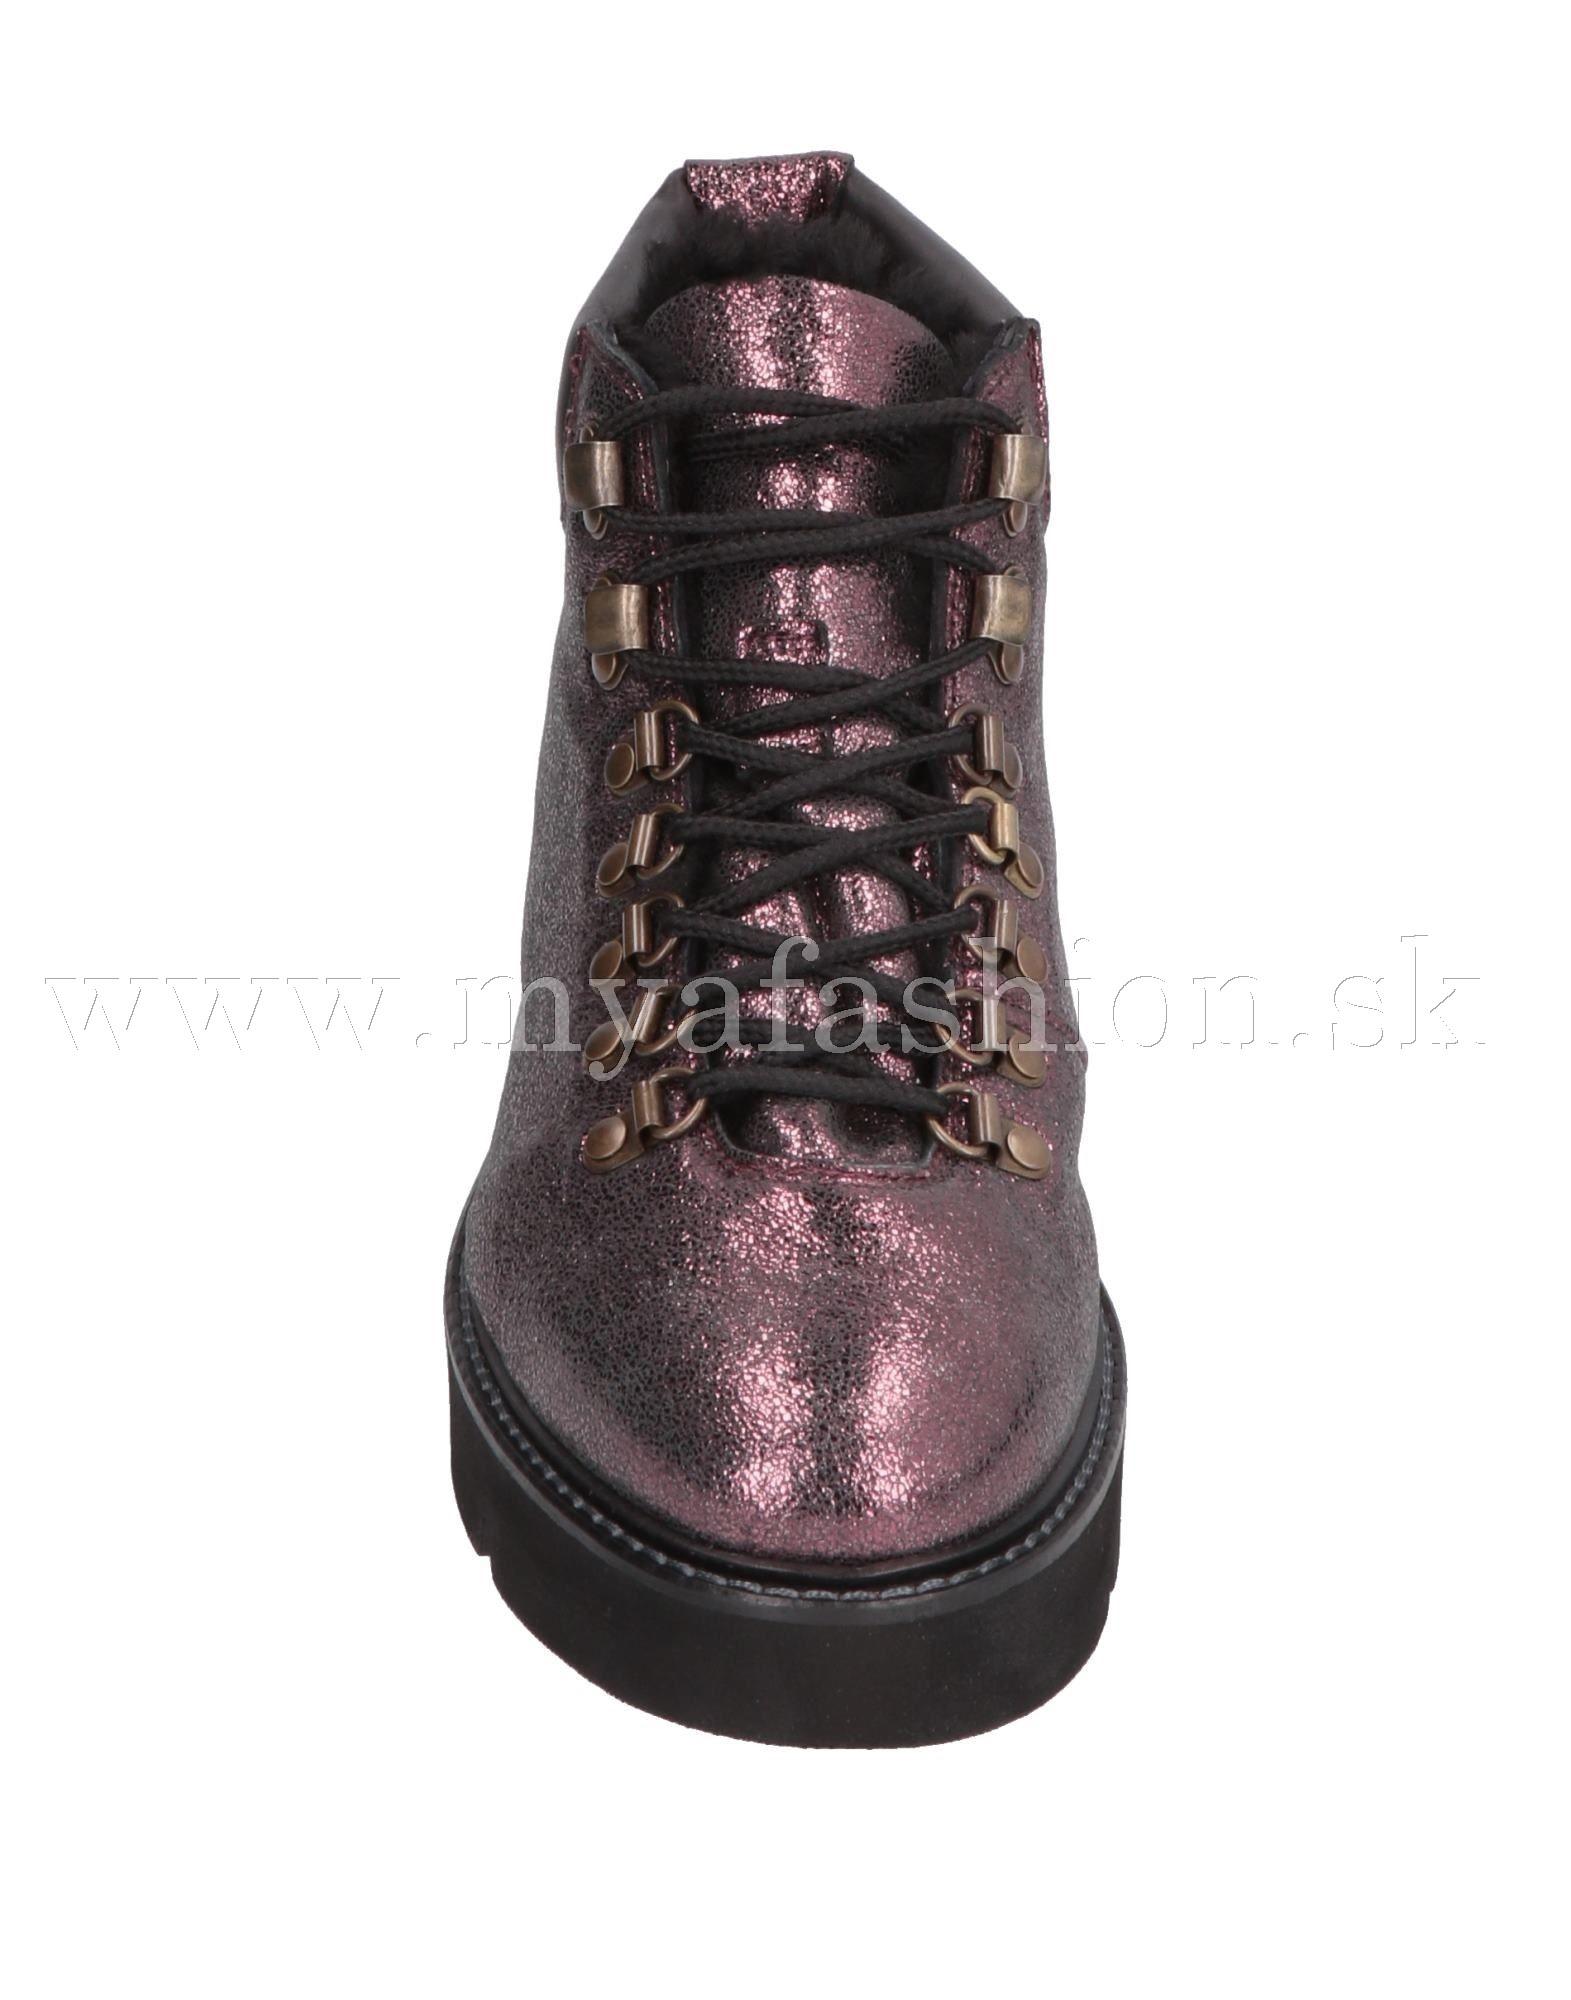 cb8183370cc65 Dámske čižmy - dámske fialové metalické zimné topánky